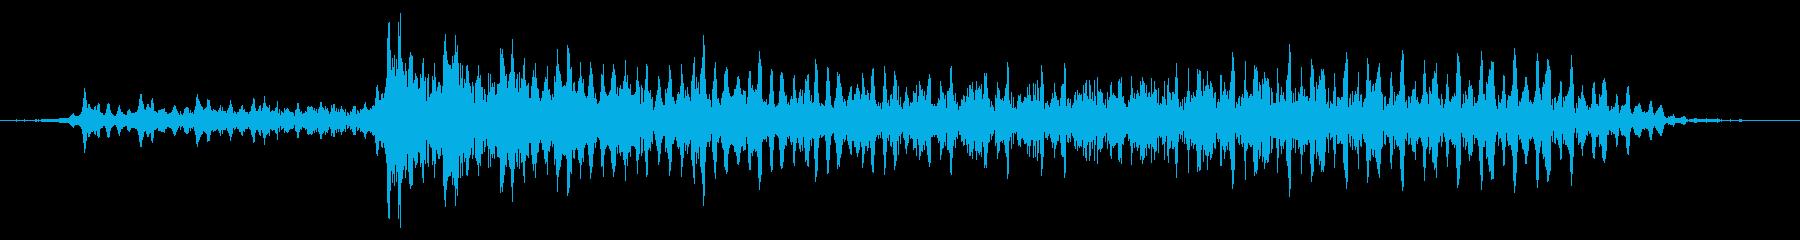 シューティングスタービープザップマ...の再生済みの波形